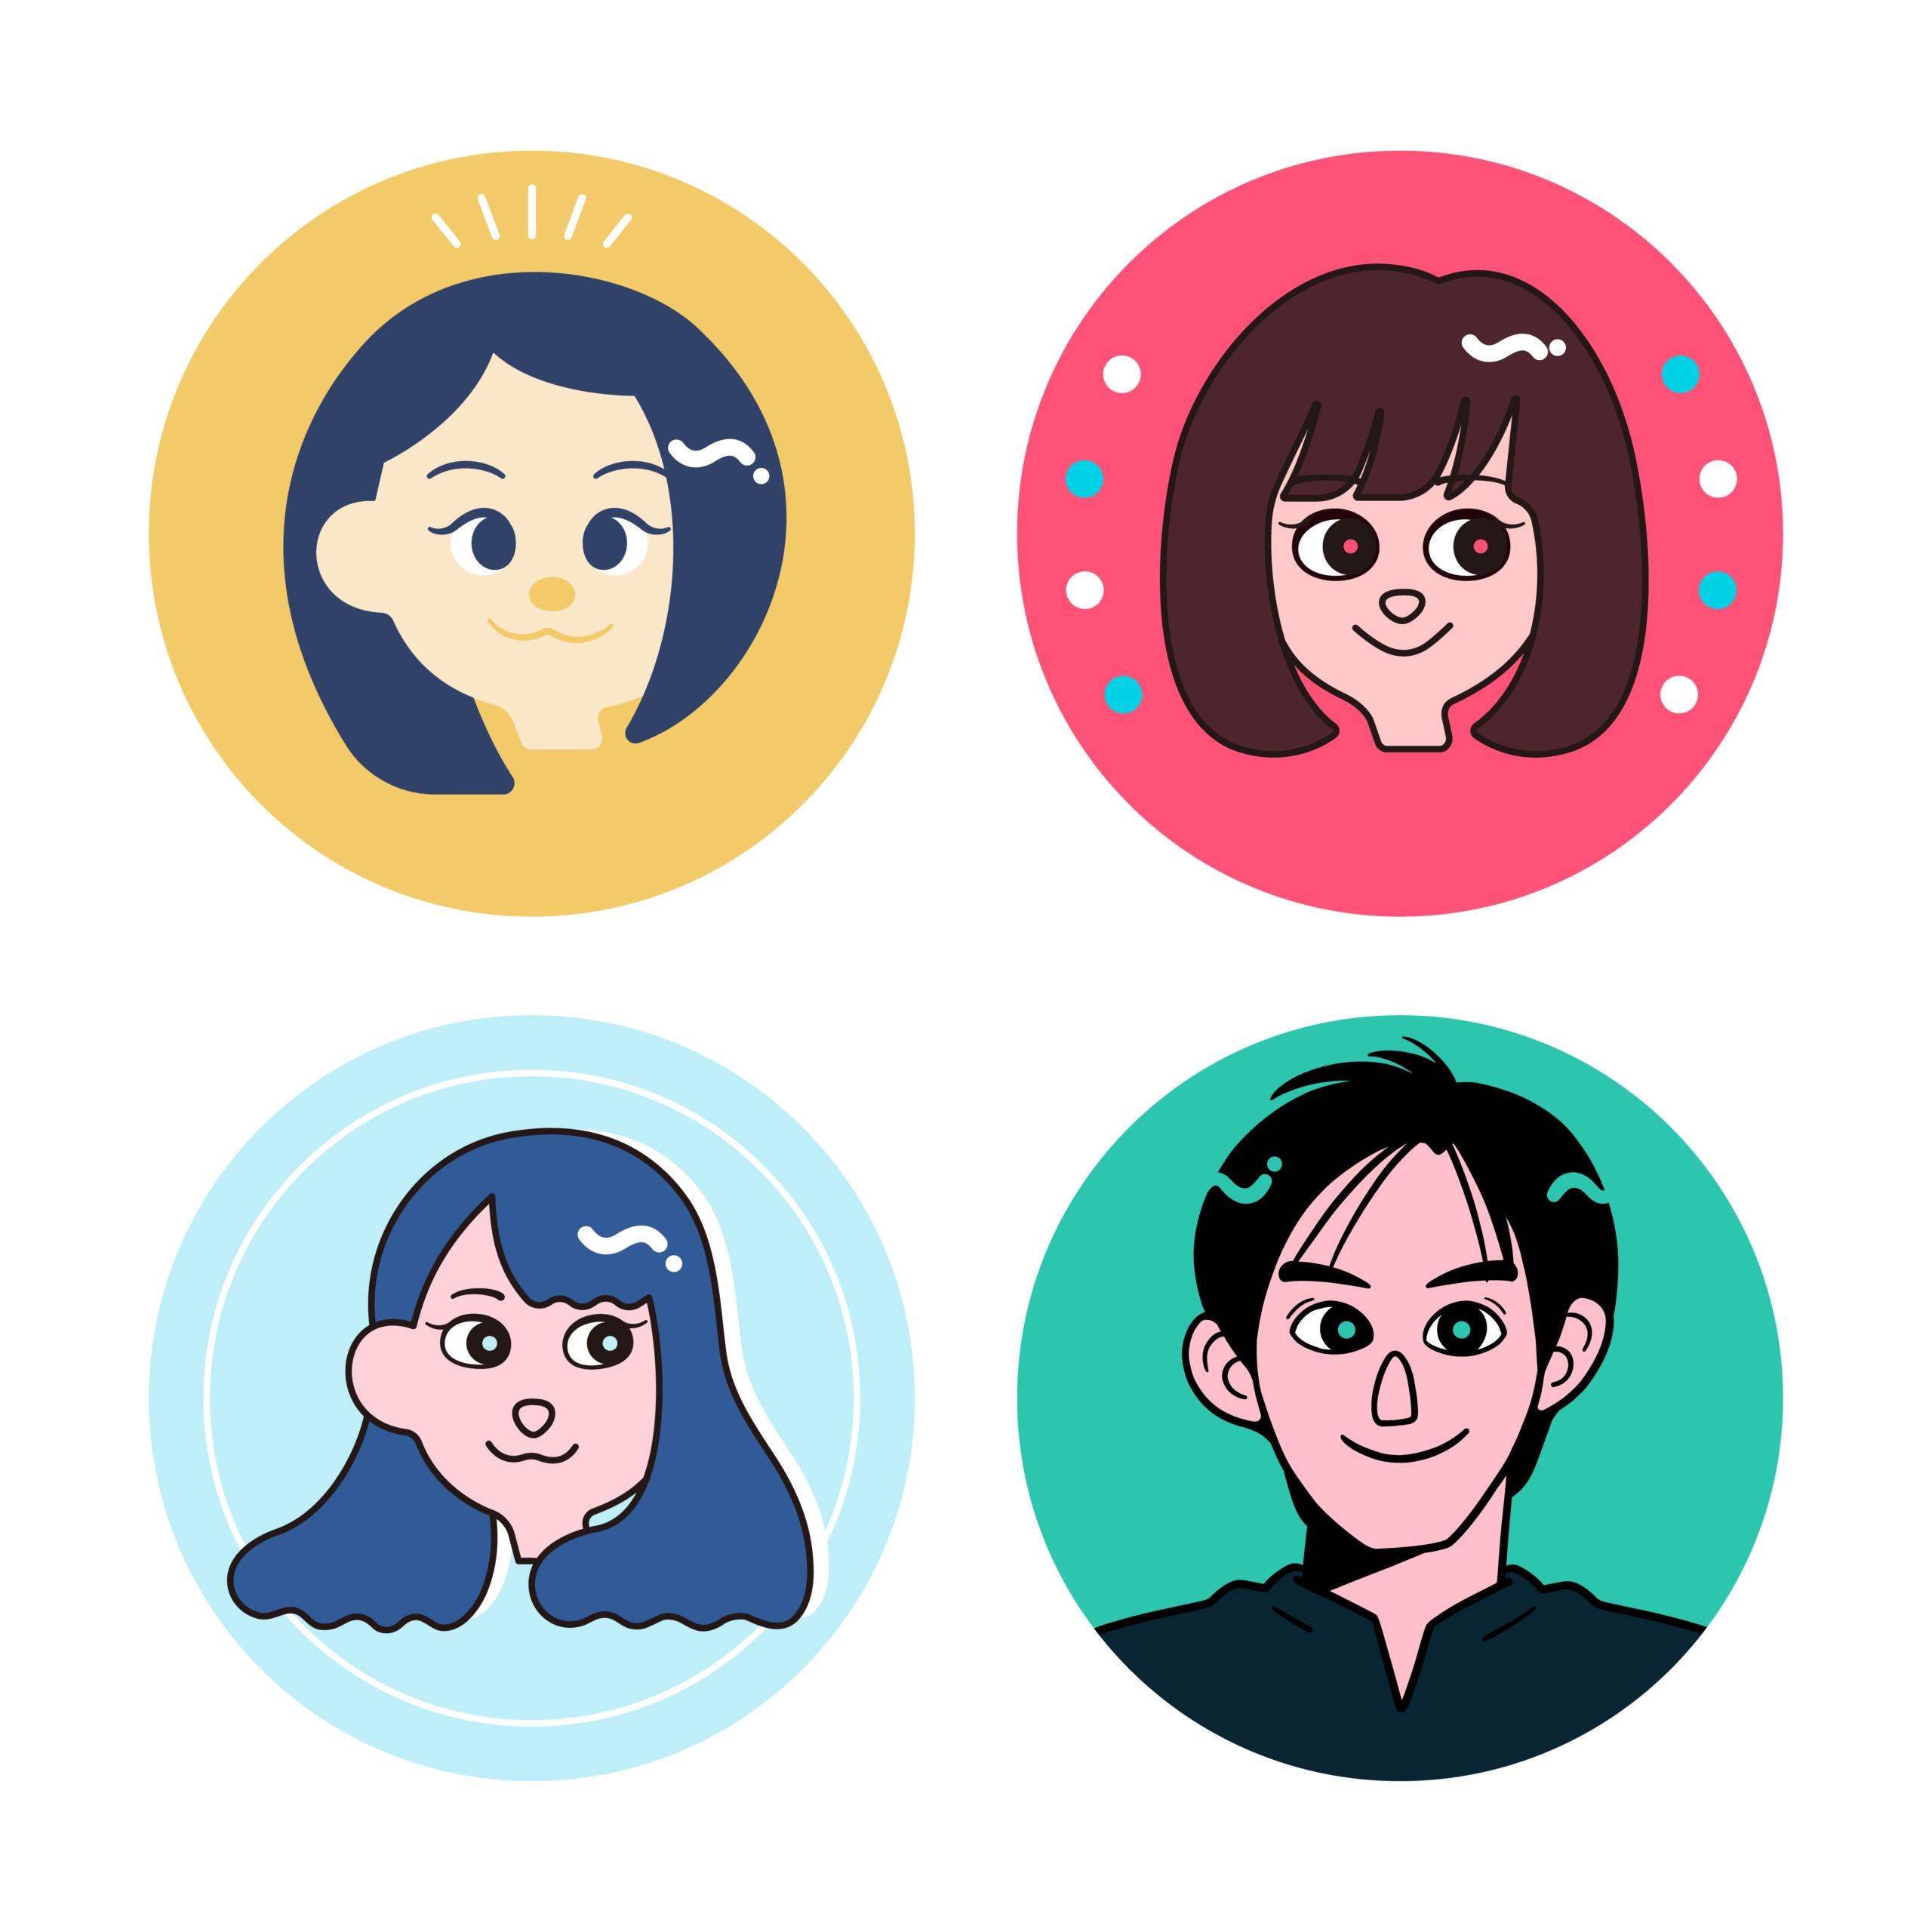 Crevo株式会社様の、社員のみなさまの似顔絵を制作いたしました。それぞれお好みのタッチ・雰囲気で制作させていただいています。